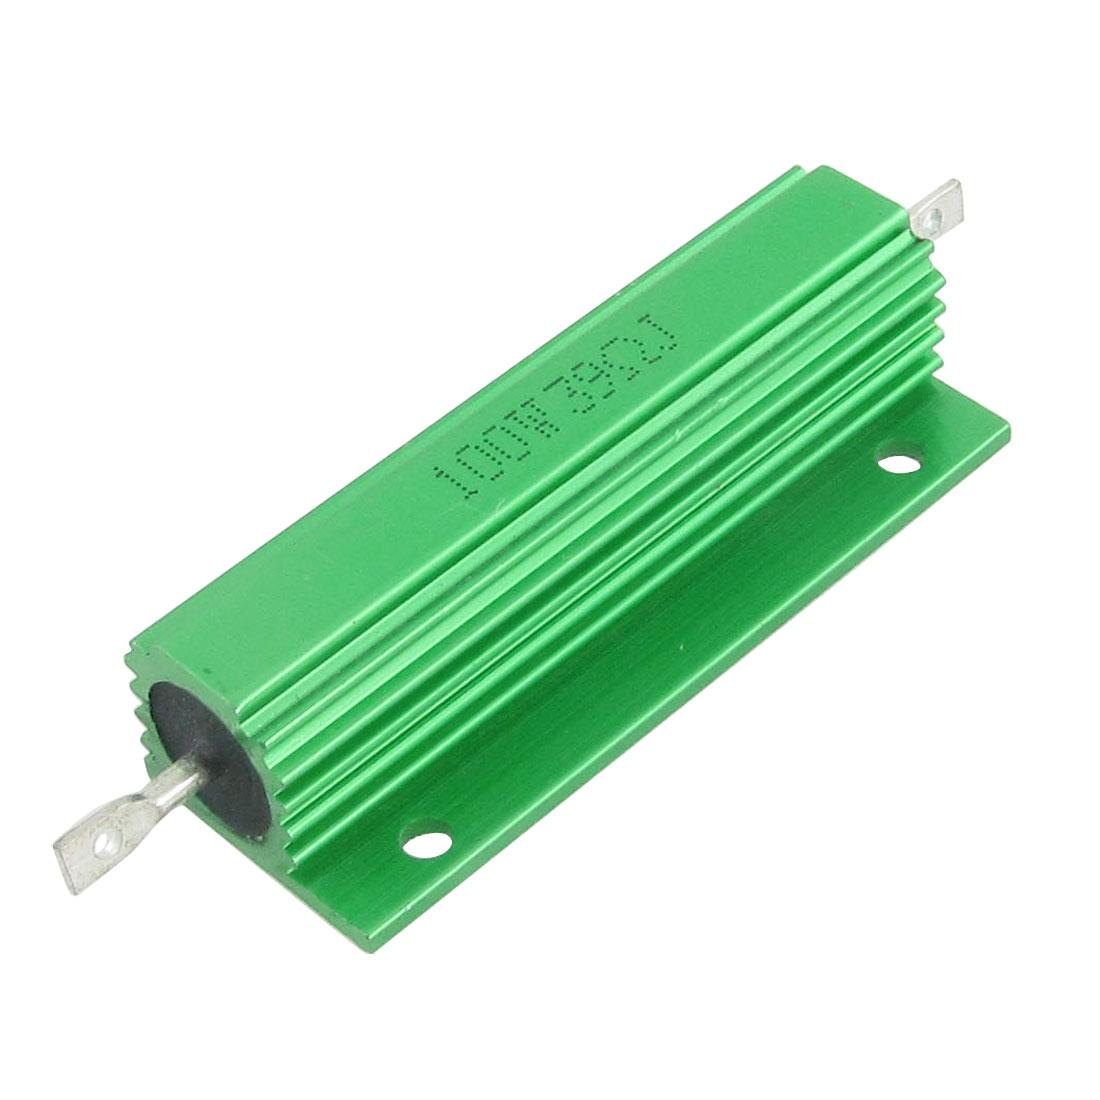 Green Aluminum Case Wire Wound 100W 5% 39 Ohm Resistors Resistance 2 Pcs